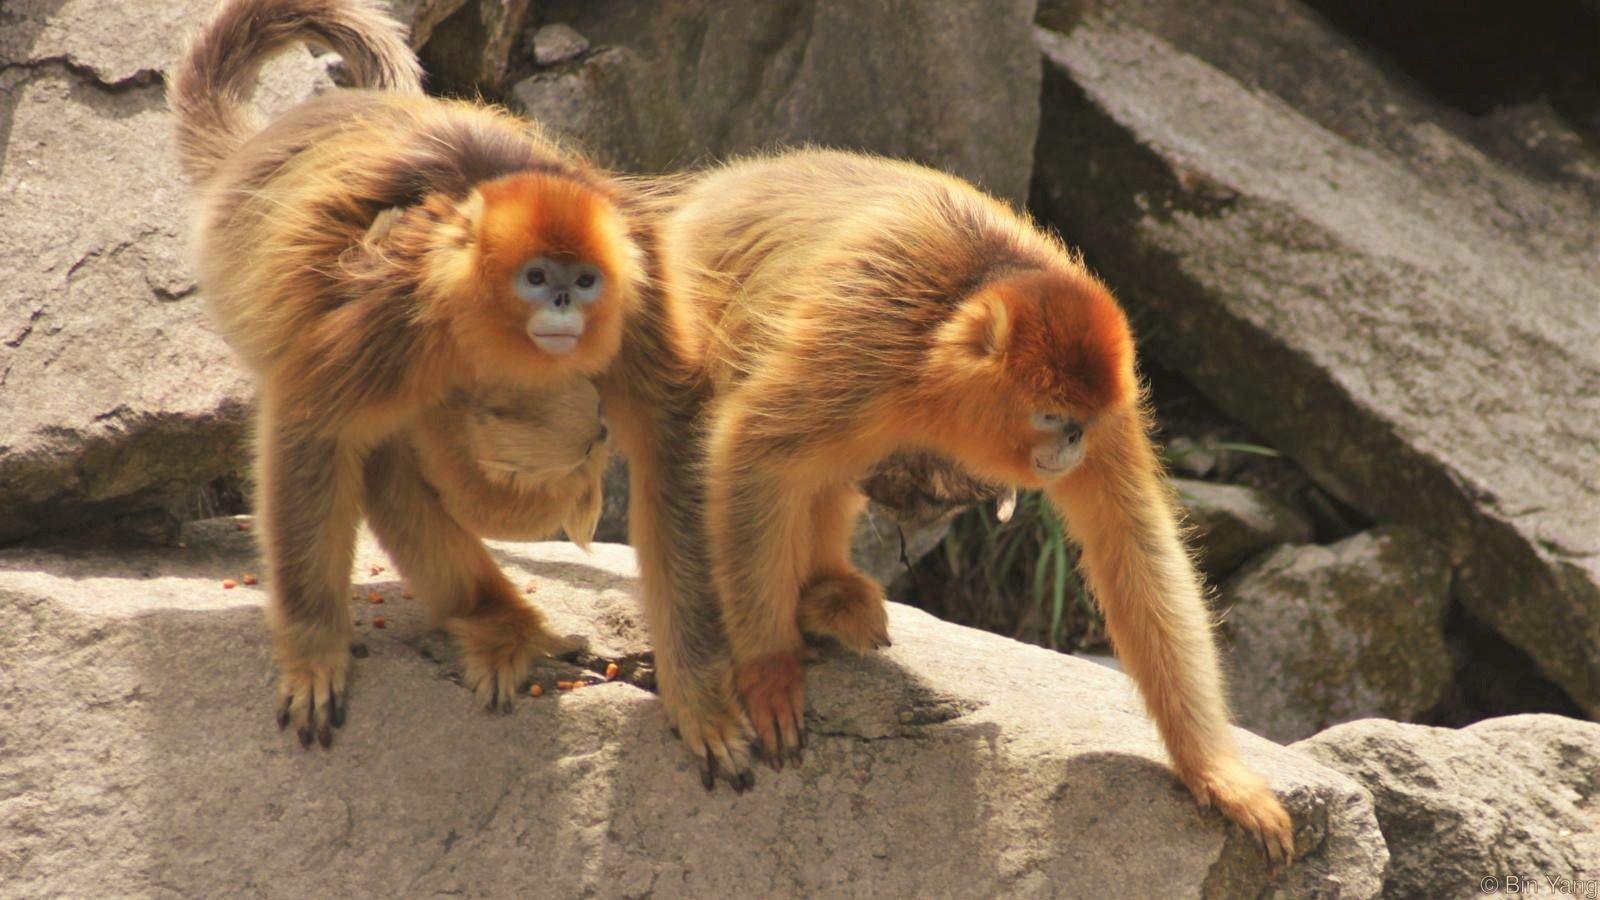 """Se ha observado asistencia en el parto en monos salvajes. Durante mucho tiempo se pensó que éste era un comportamiento exclusivo de los humanos, pero se ha encontrado un puñado de primates que tienen lo que se pueden denominar """"comadronas"""". ¿Por qué tan pocos primates lo hacemos? Esto podría ayudar a entender el origen de la asistencia al parto en la sociedad humana."""